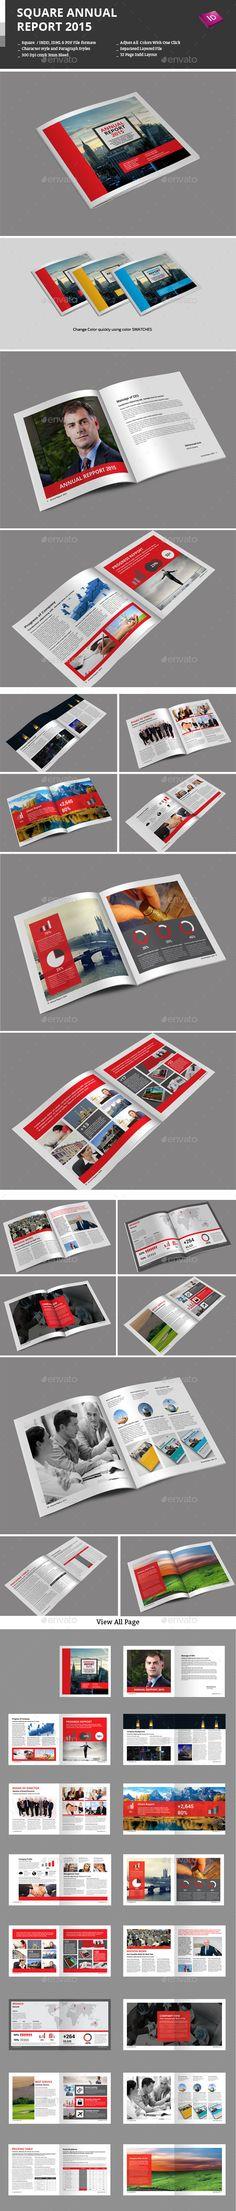 Annual Report Square Template 2 Annual reports, Squares and - annual report template